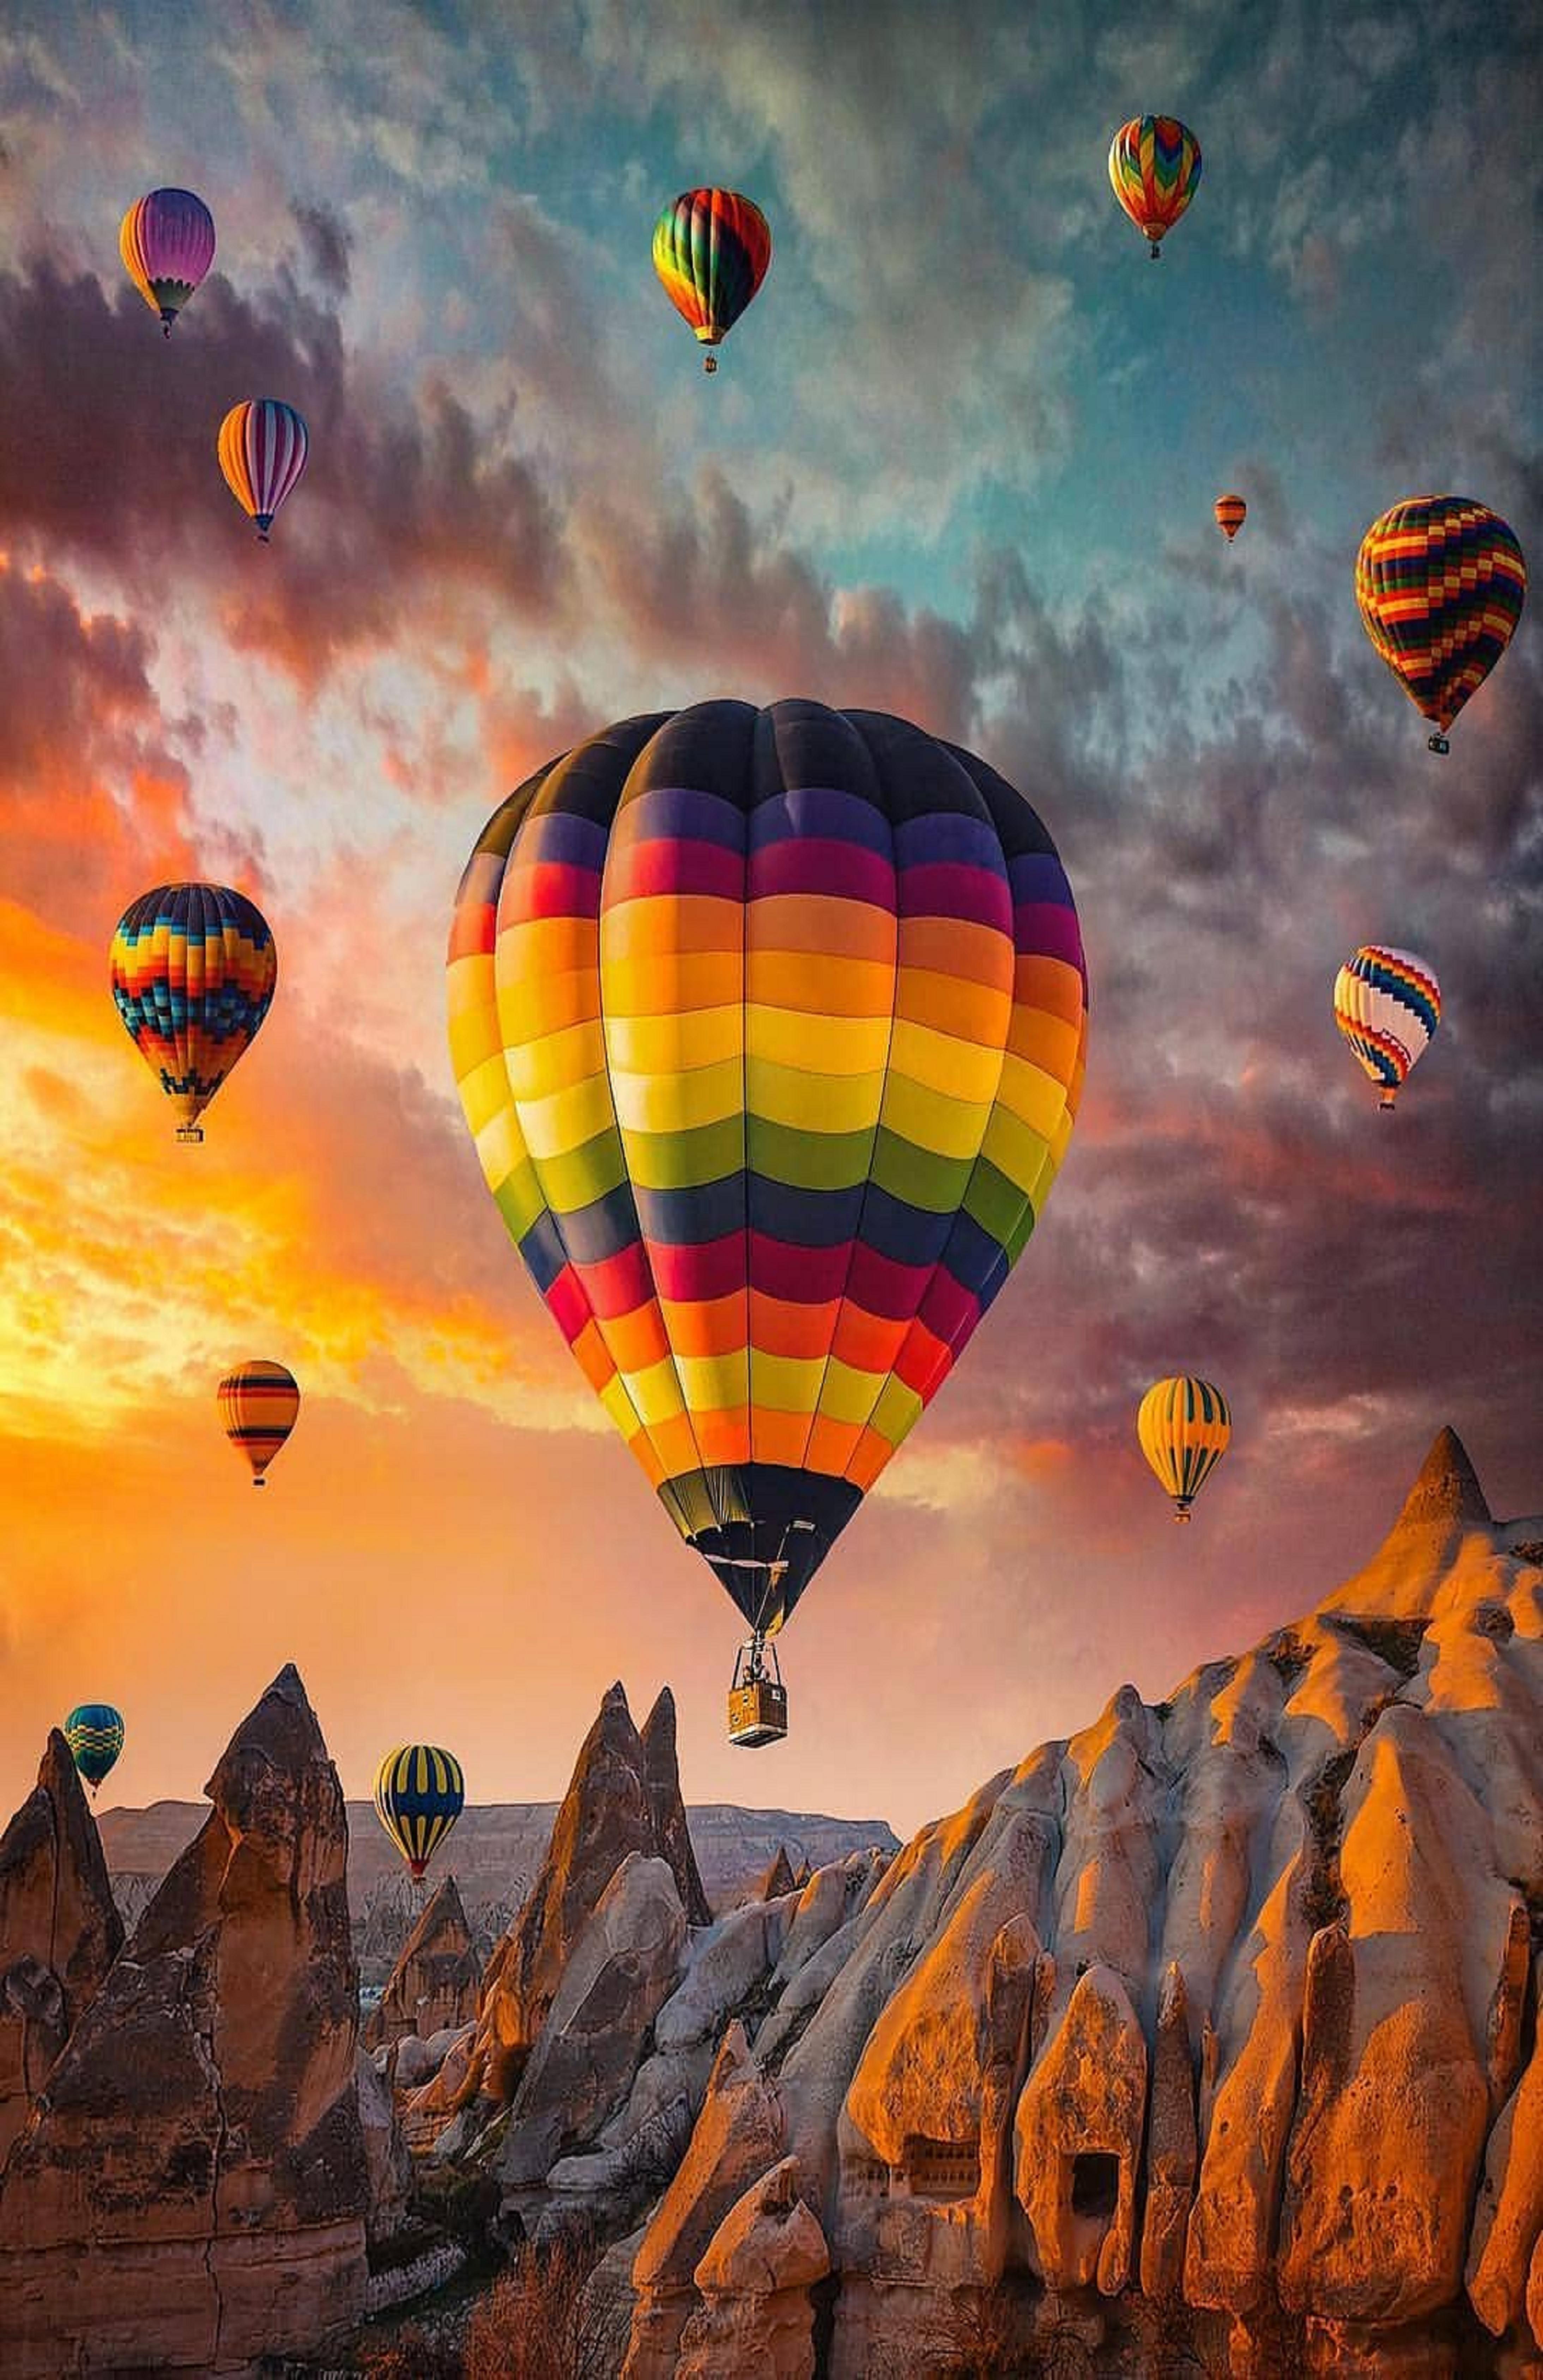 Pin by ivanka kostova on Sunset Hot air balloons